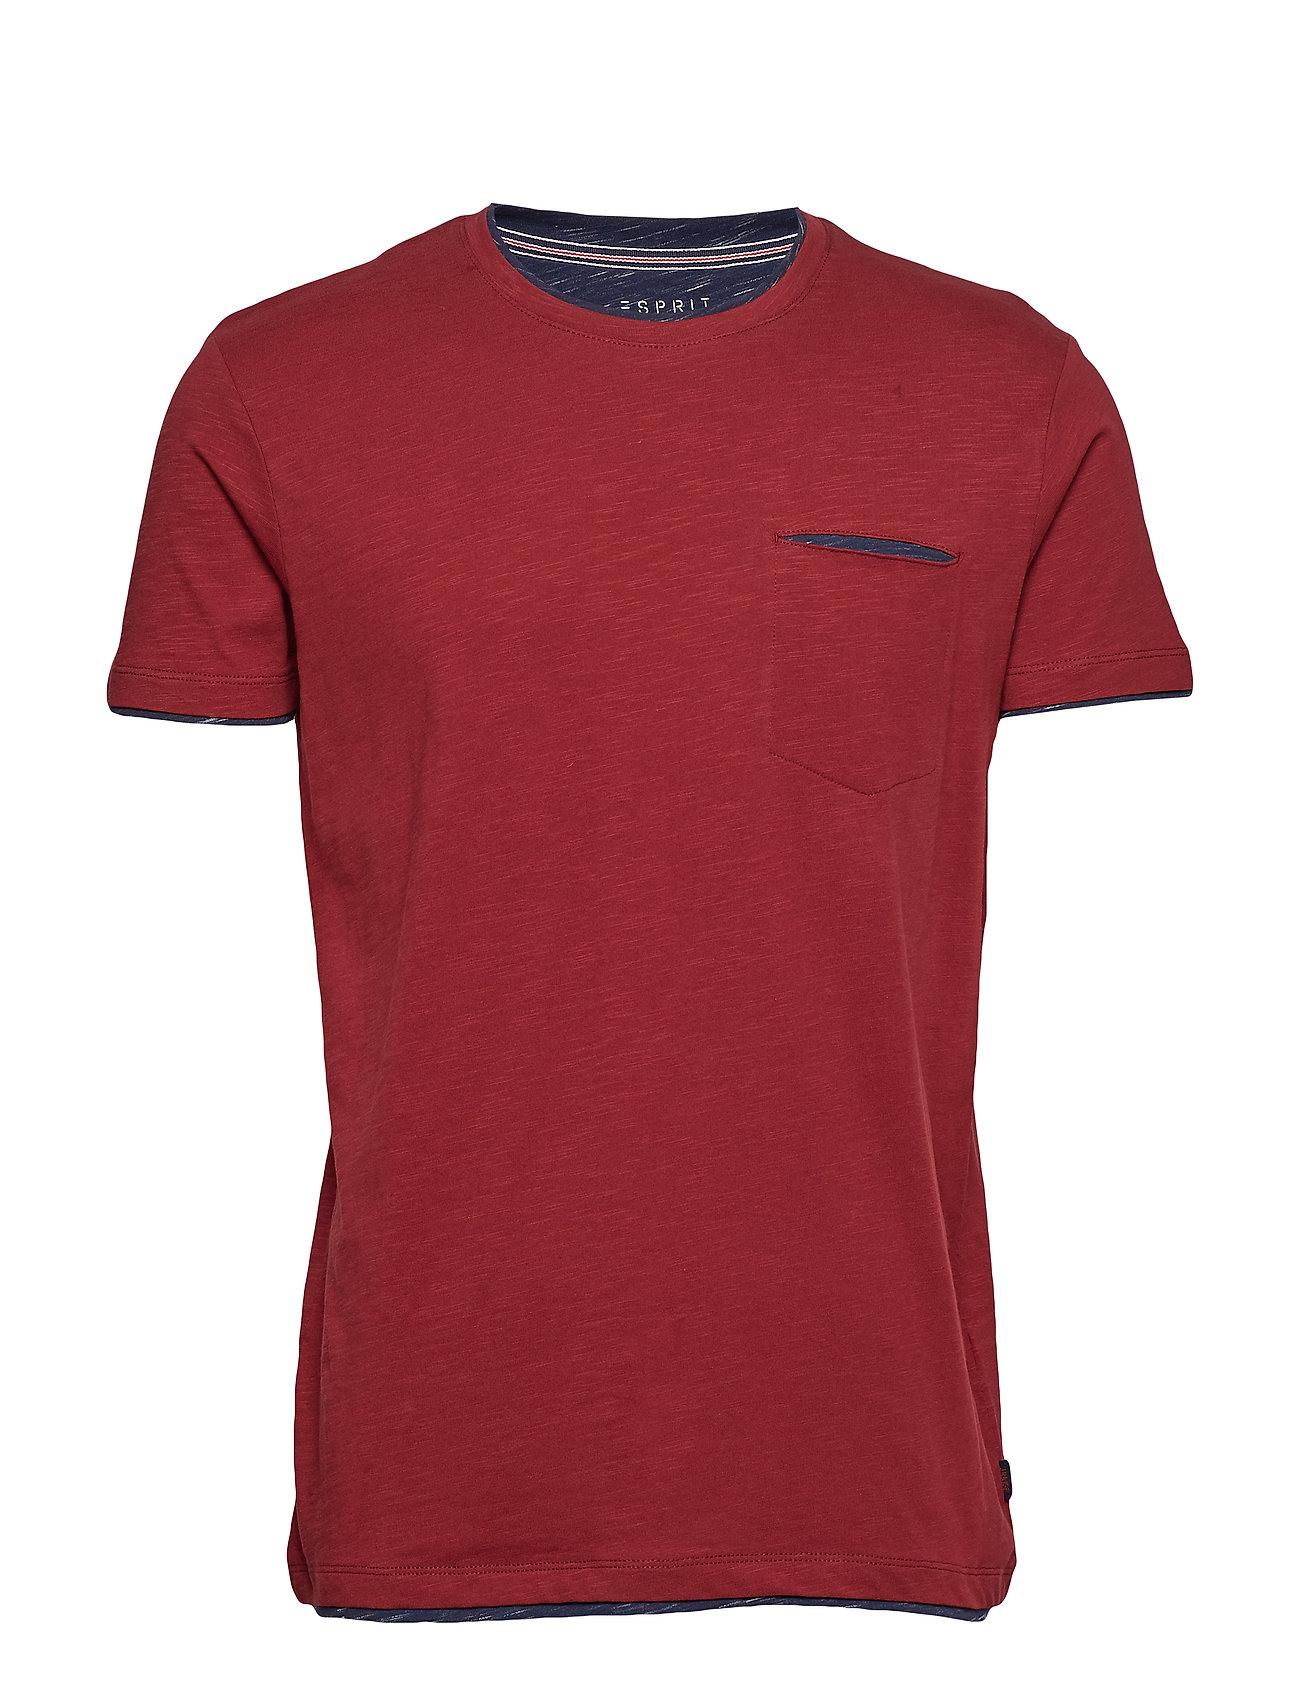 Esprit Casual T-Shirts - BORDEAUX RED